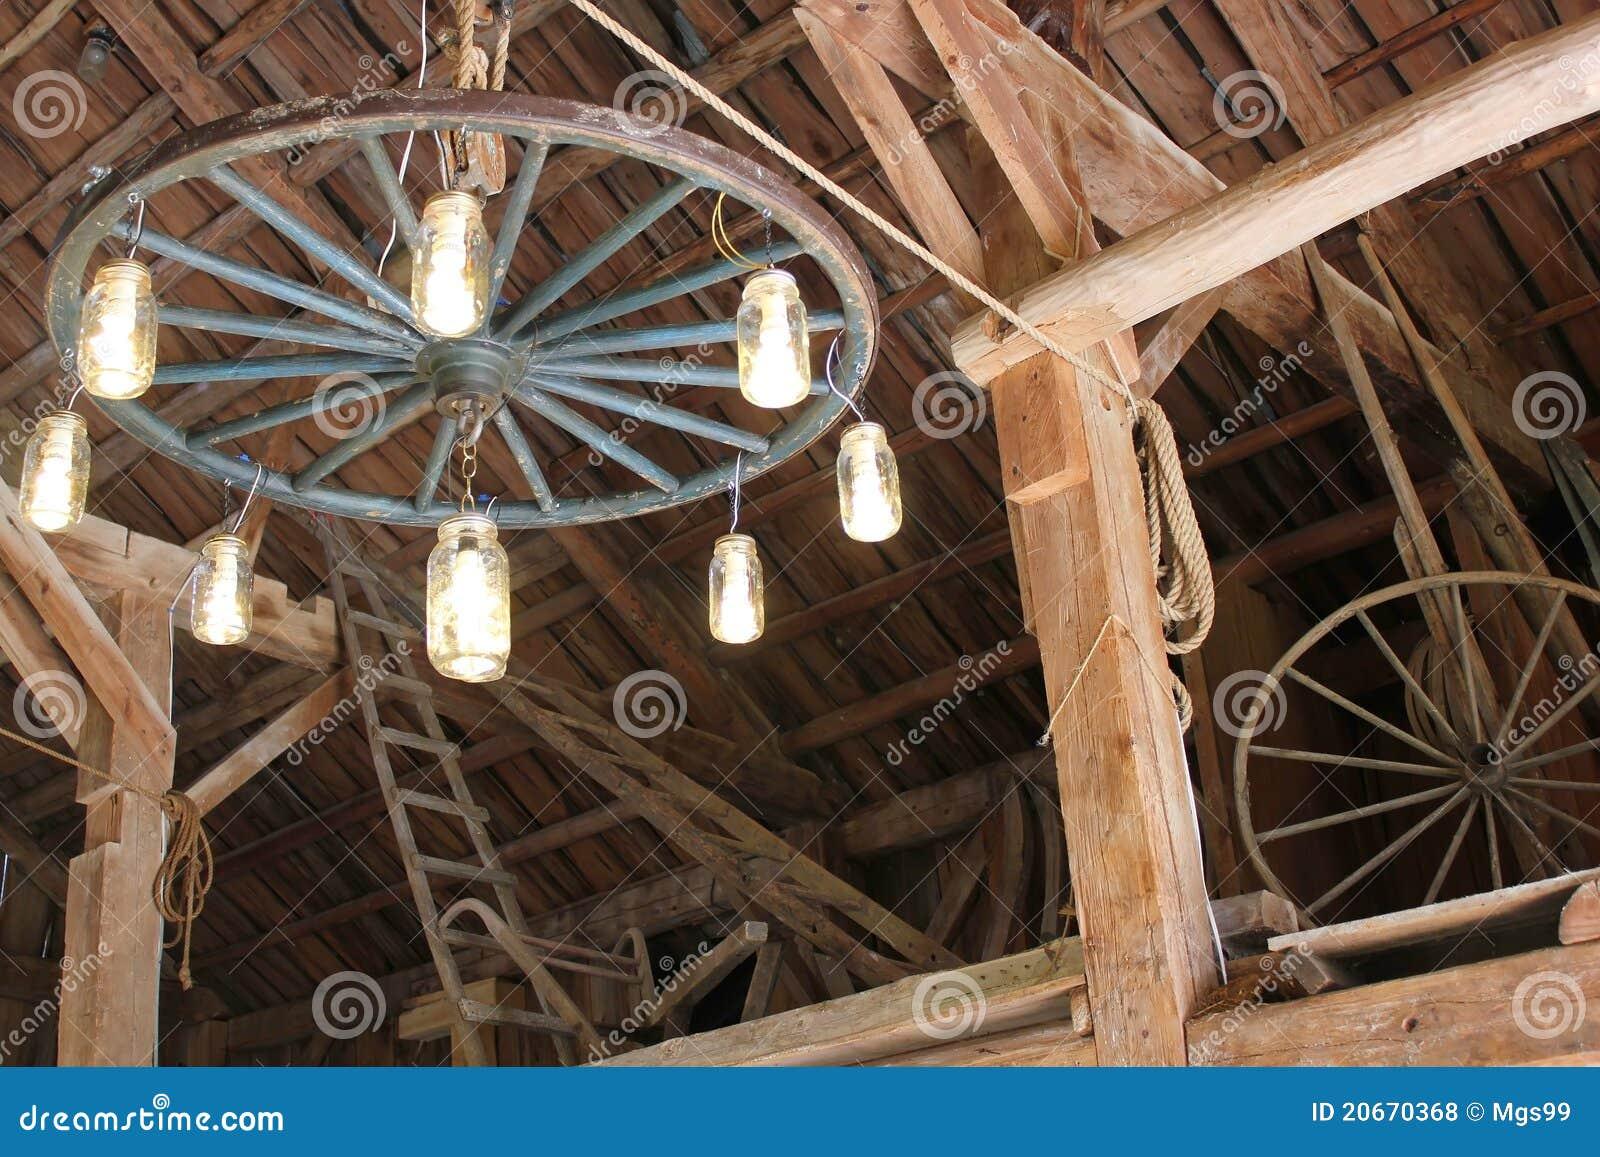 lustre de roue de chariot photos libres de droits image 20670368. Black Bedroom Furniture Sets. Home Design Ideas